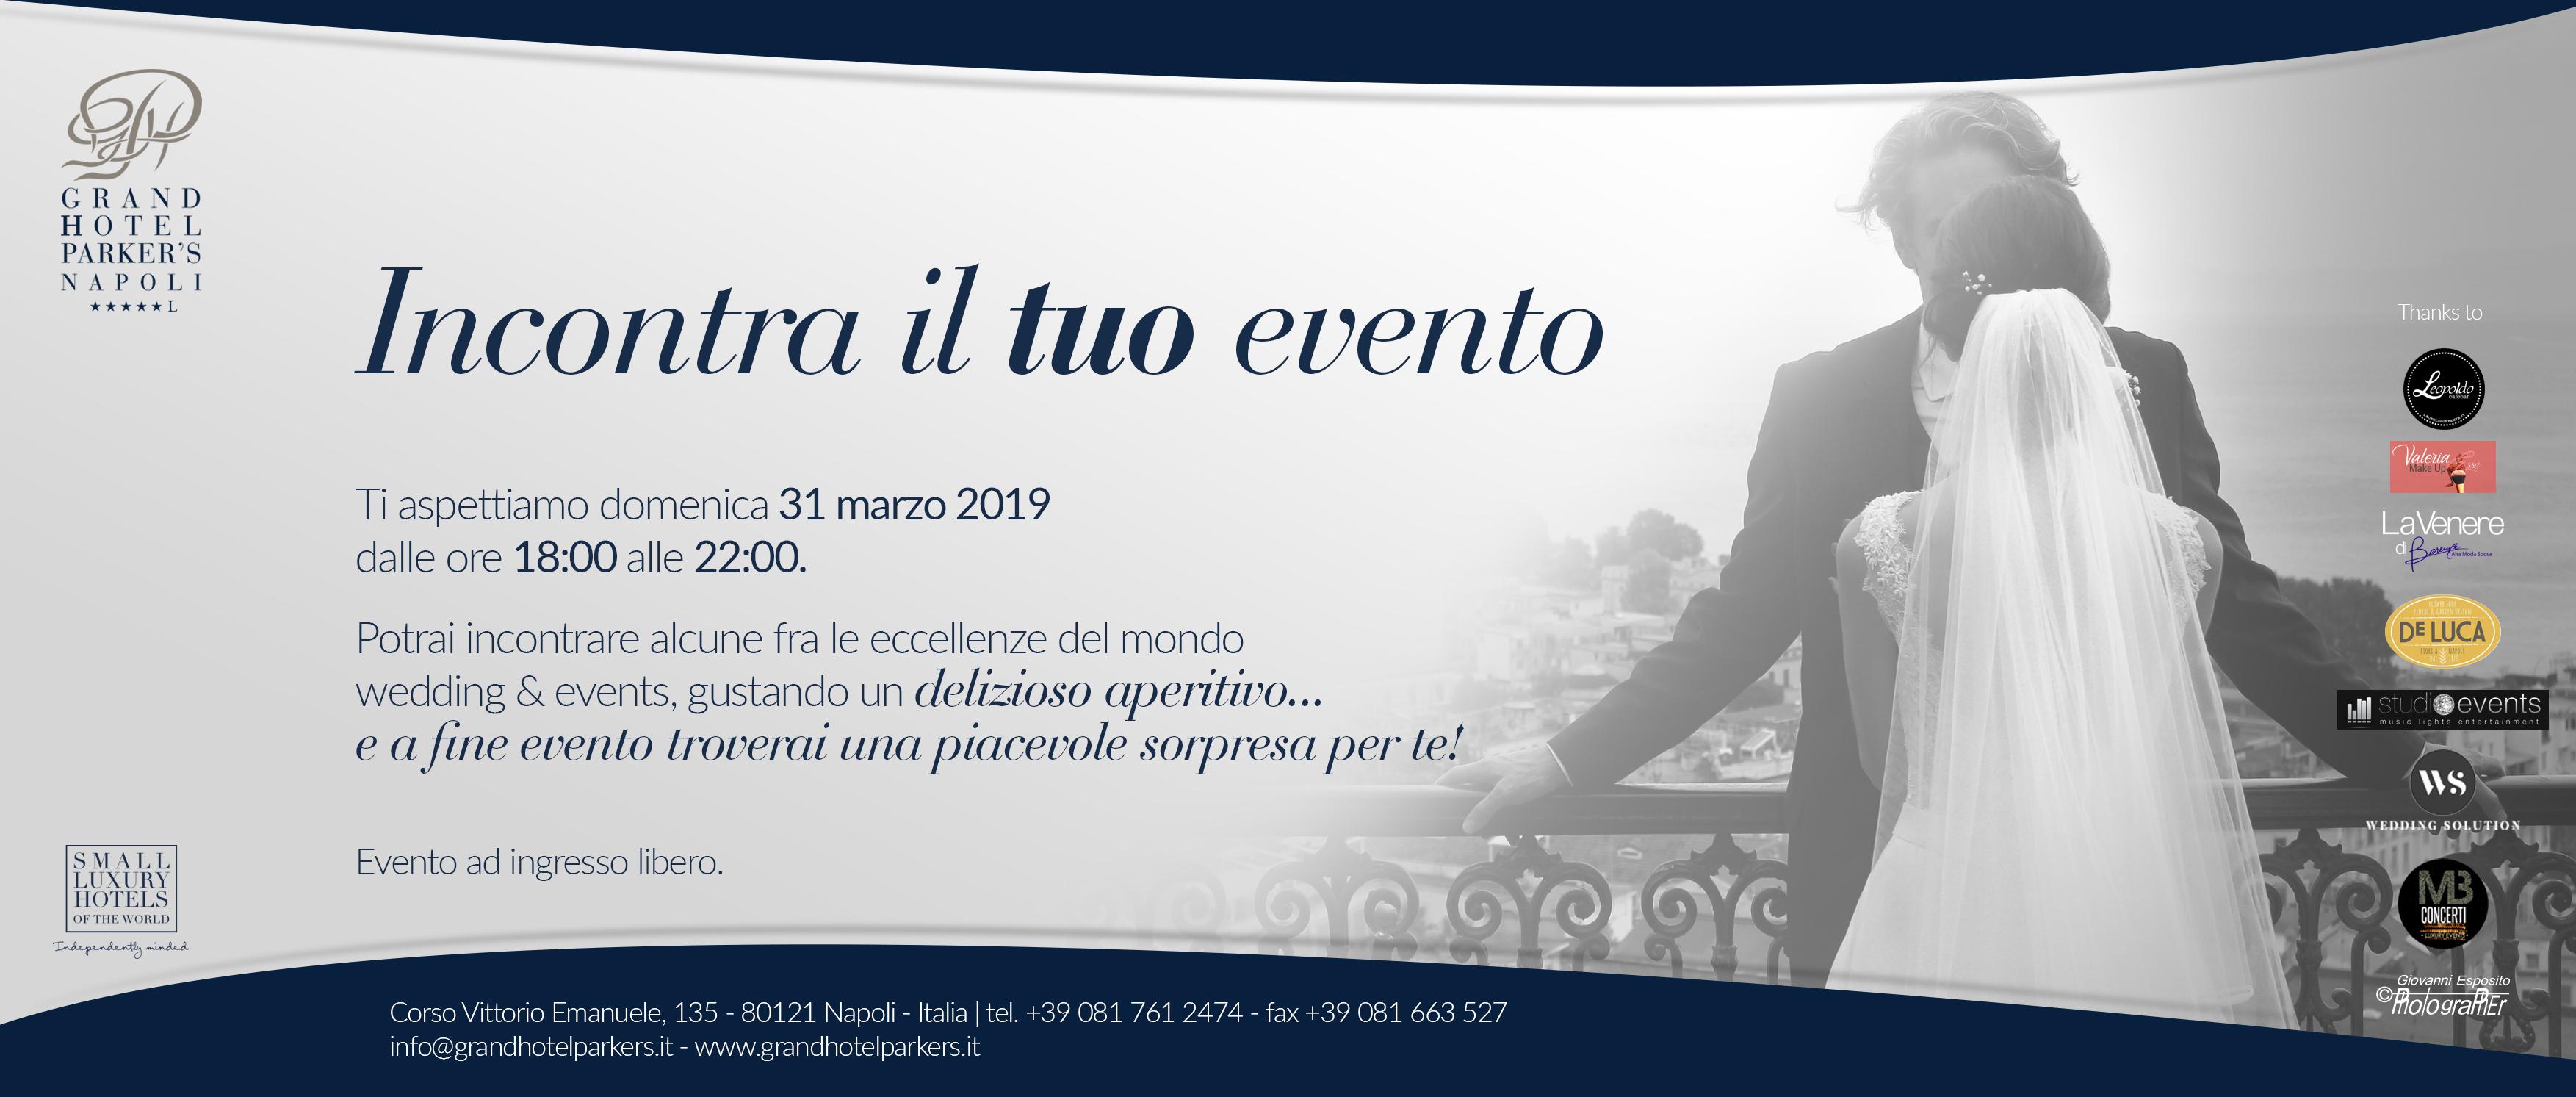 APERIWEDDING AL PARKER'S HOTEL CON LA VENERE DI BERENICE DOMENICA 31 MARZO 2019